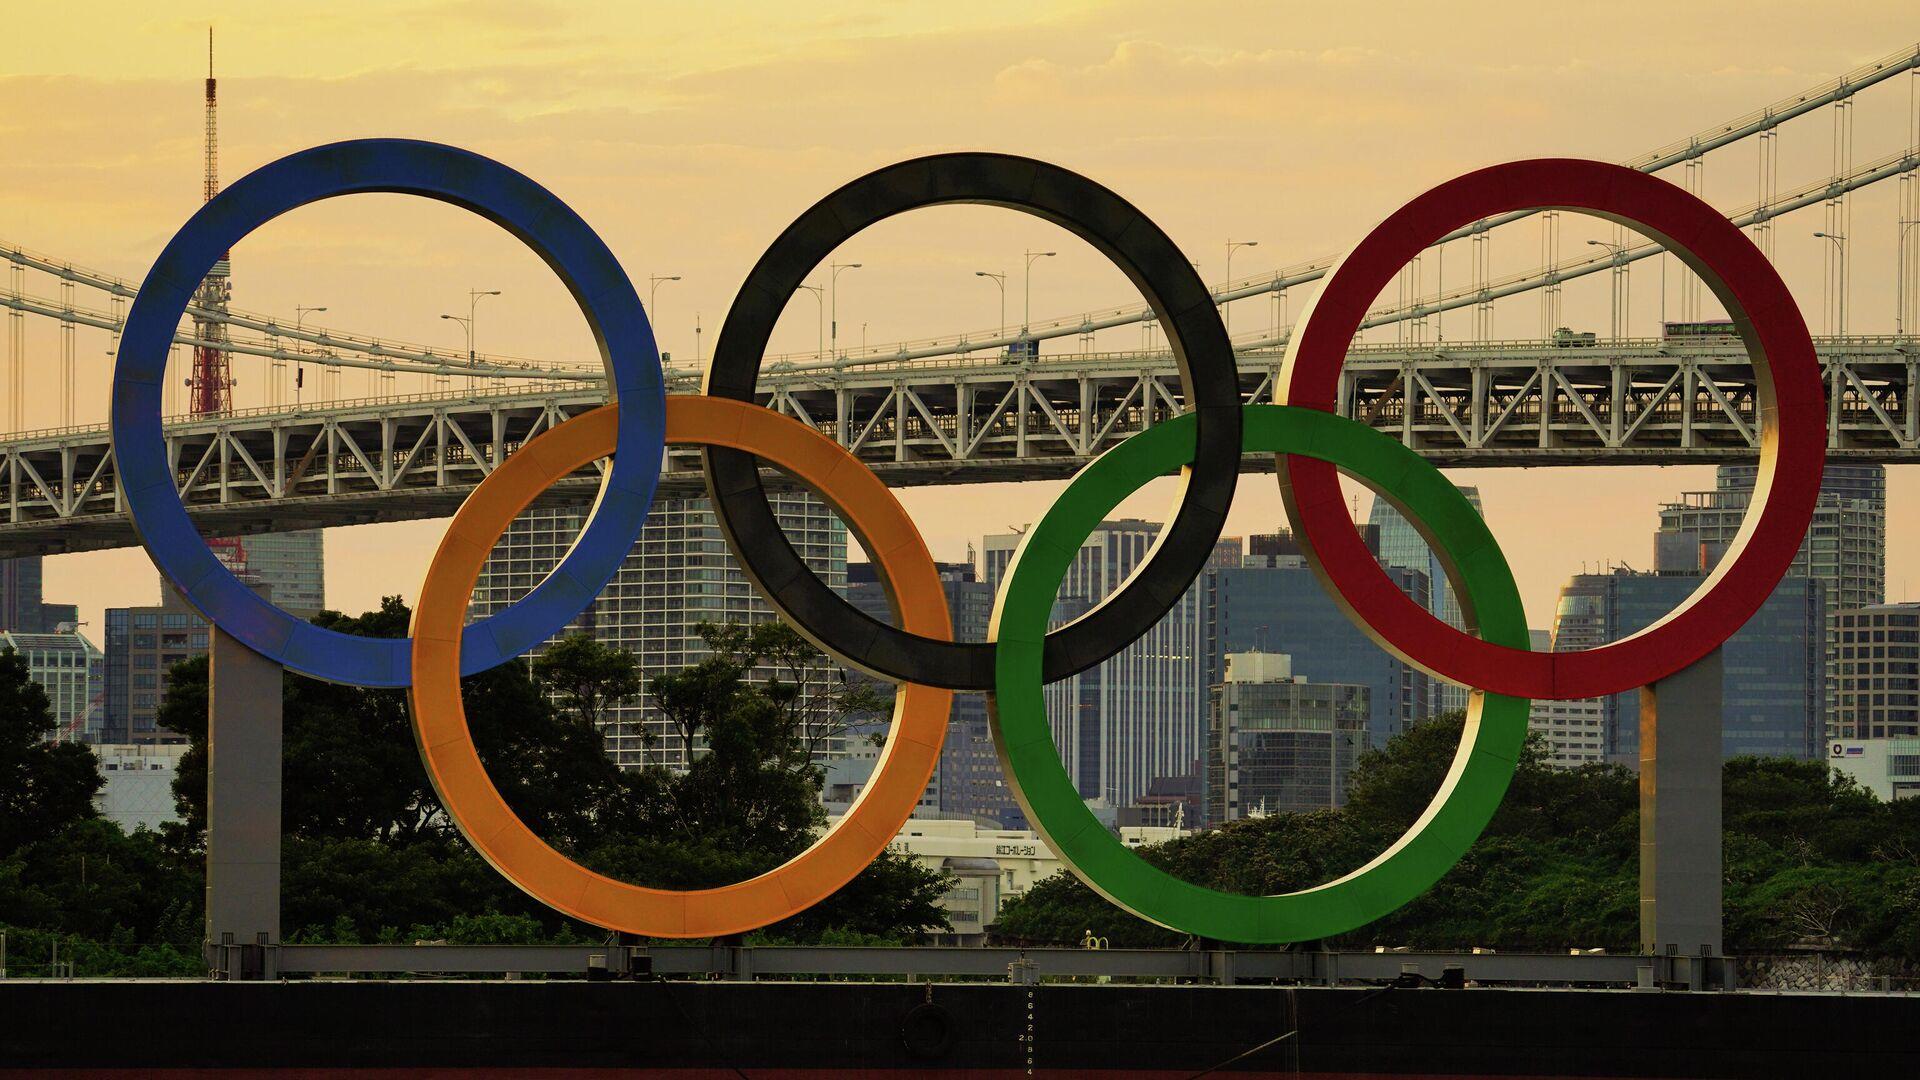 Символика Олимпийских игр в Токио - РИА Новости, 1920, 22.07.2021